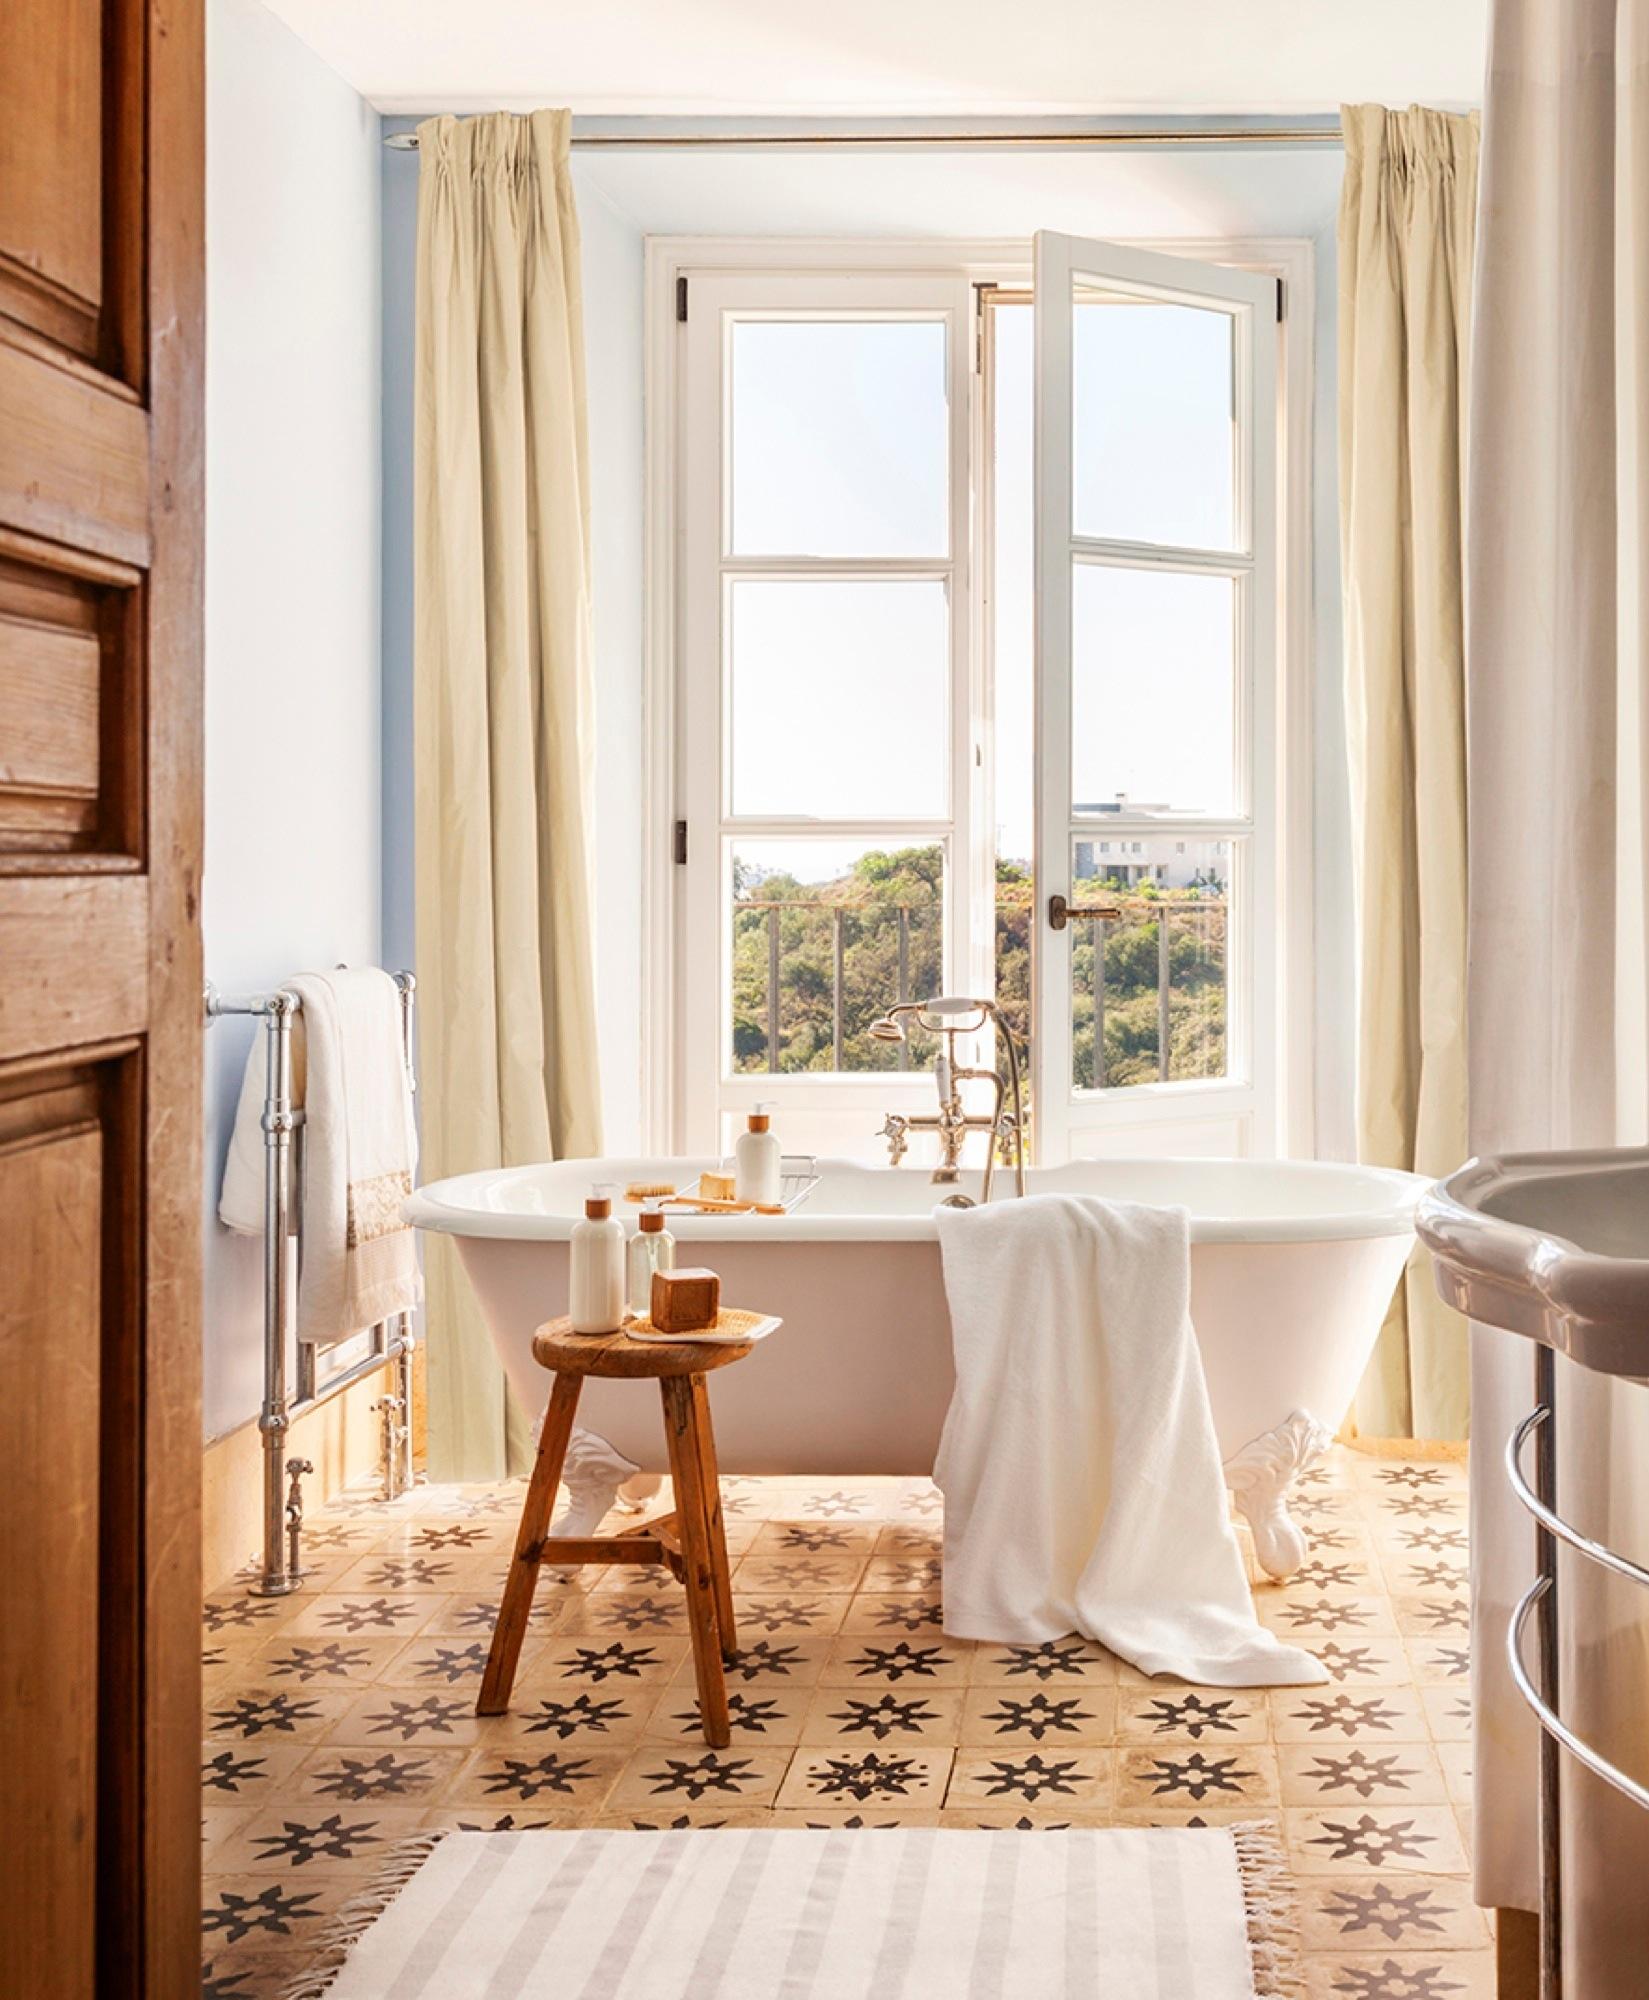 Un cortijo moderno en marbella for Toallas bano zara home